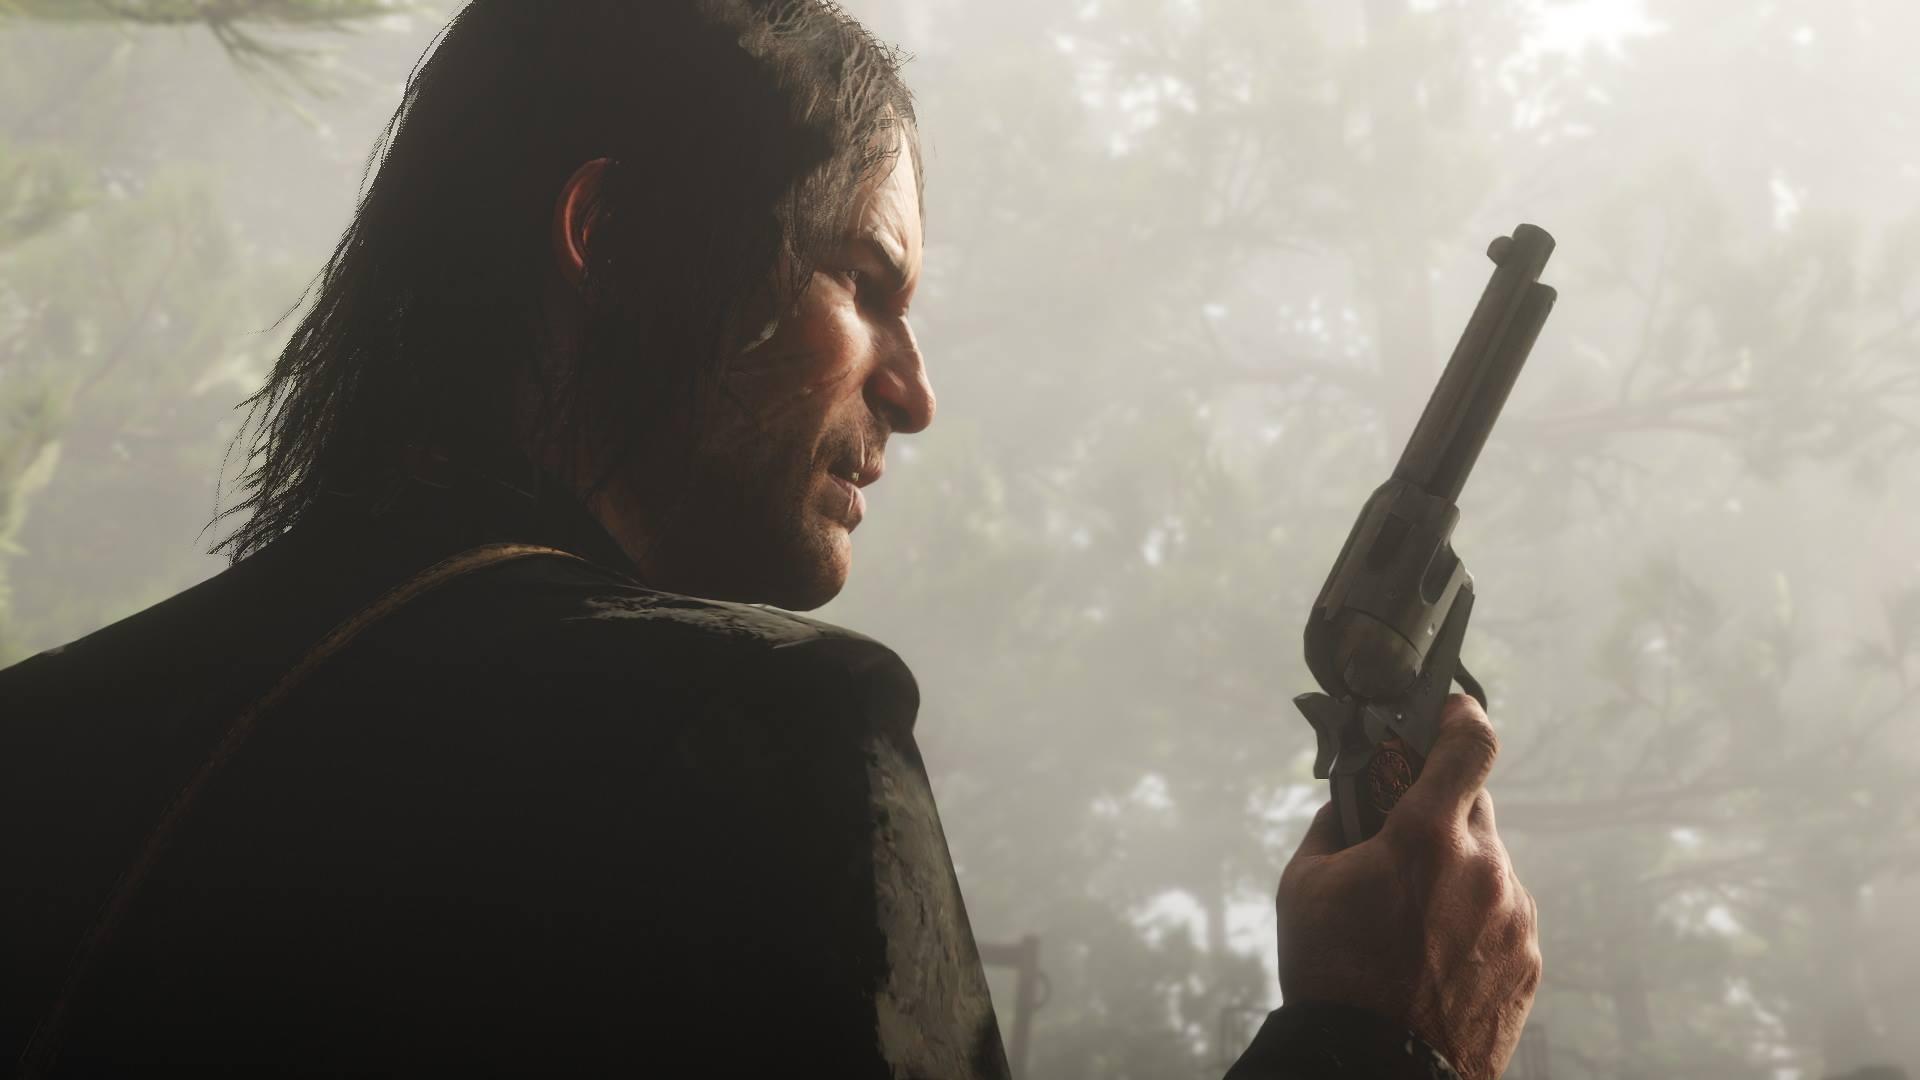 Neue Screenshots zu Red Dead Redemption 2 zeigen Tierwelt, Open World und Charaktere. Bild 14 - Quelle: Rockstar Games